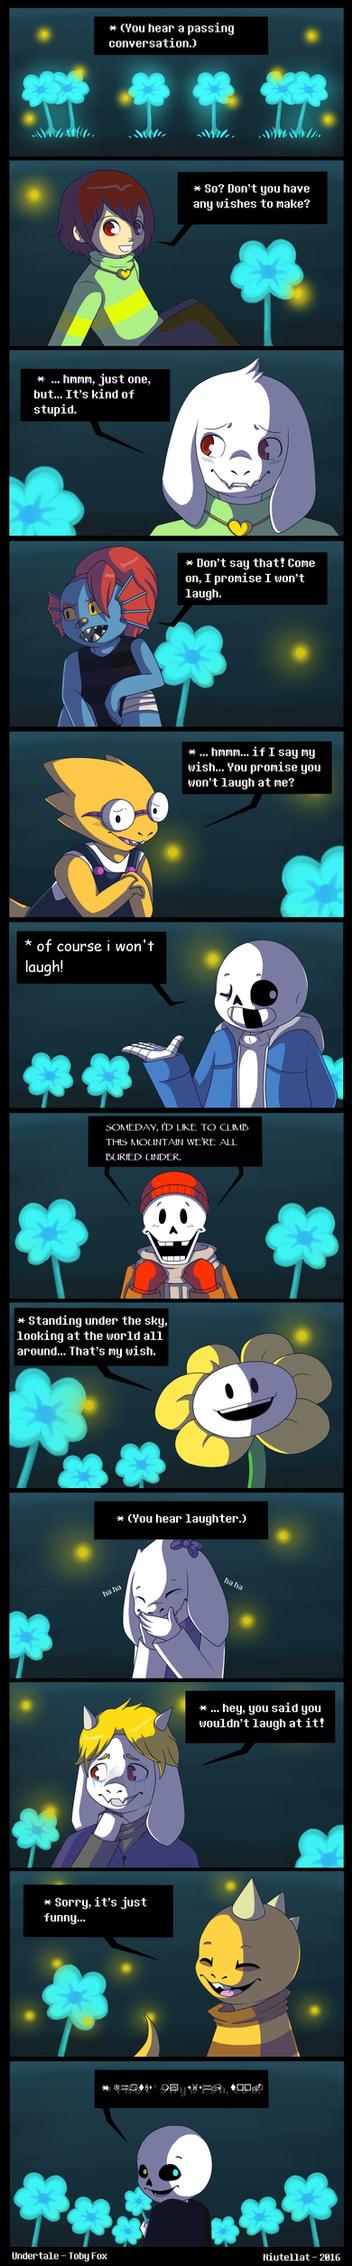 Undertale Comic - Echo Flowers' Story by Niutellat